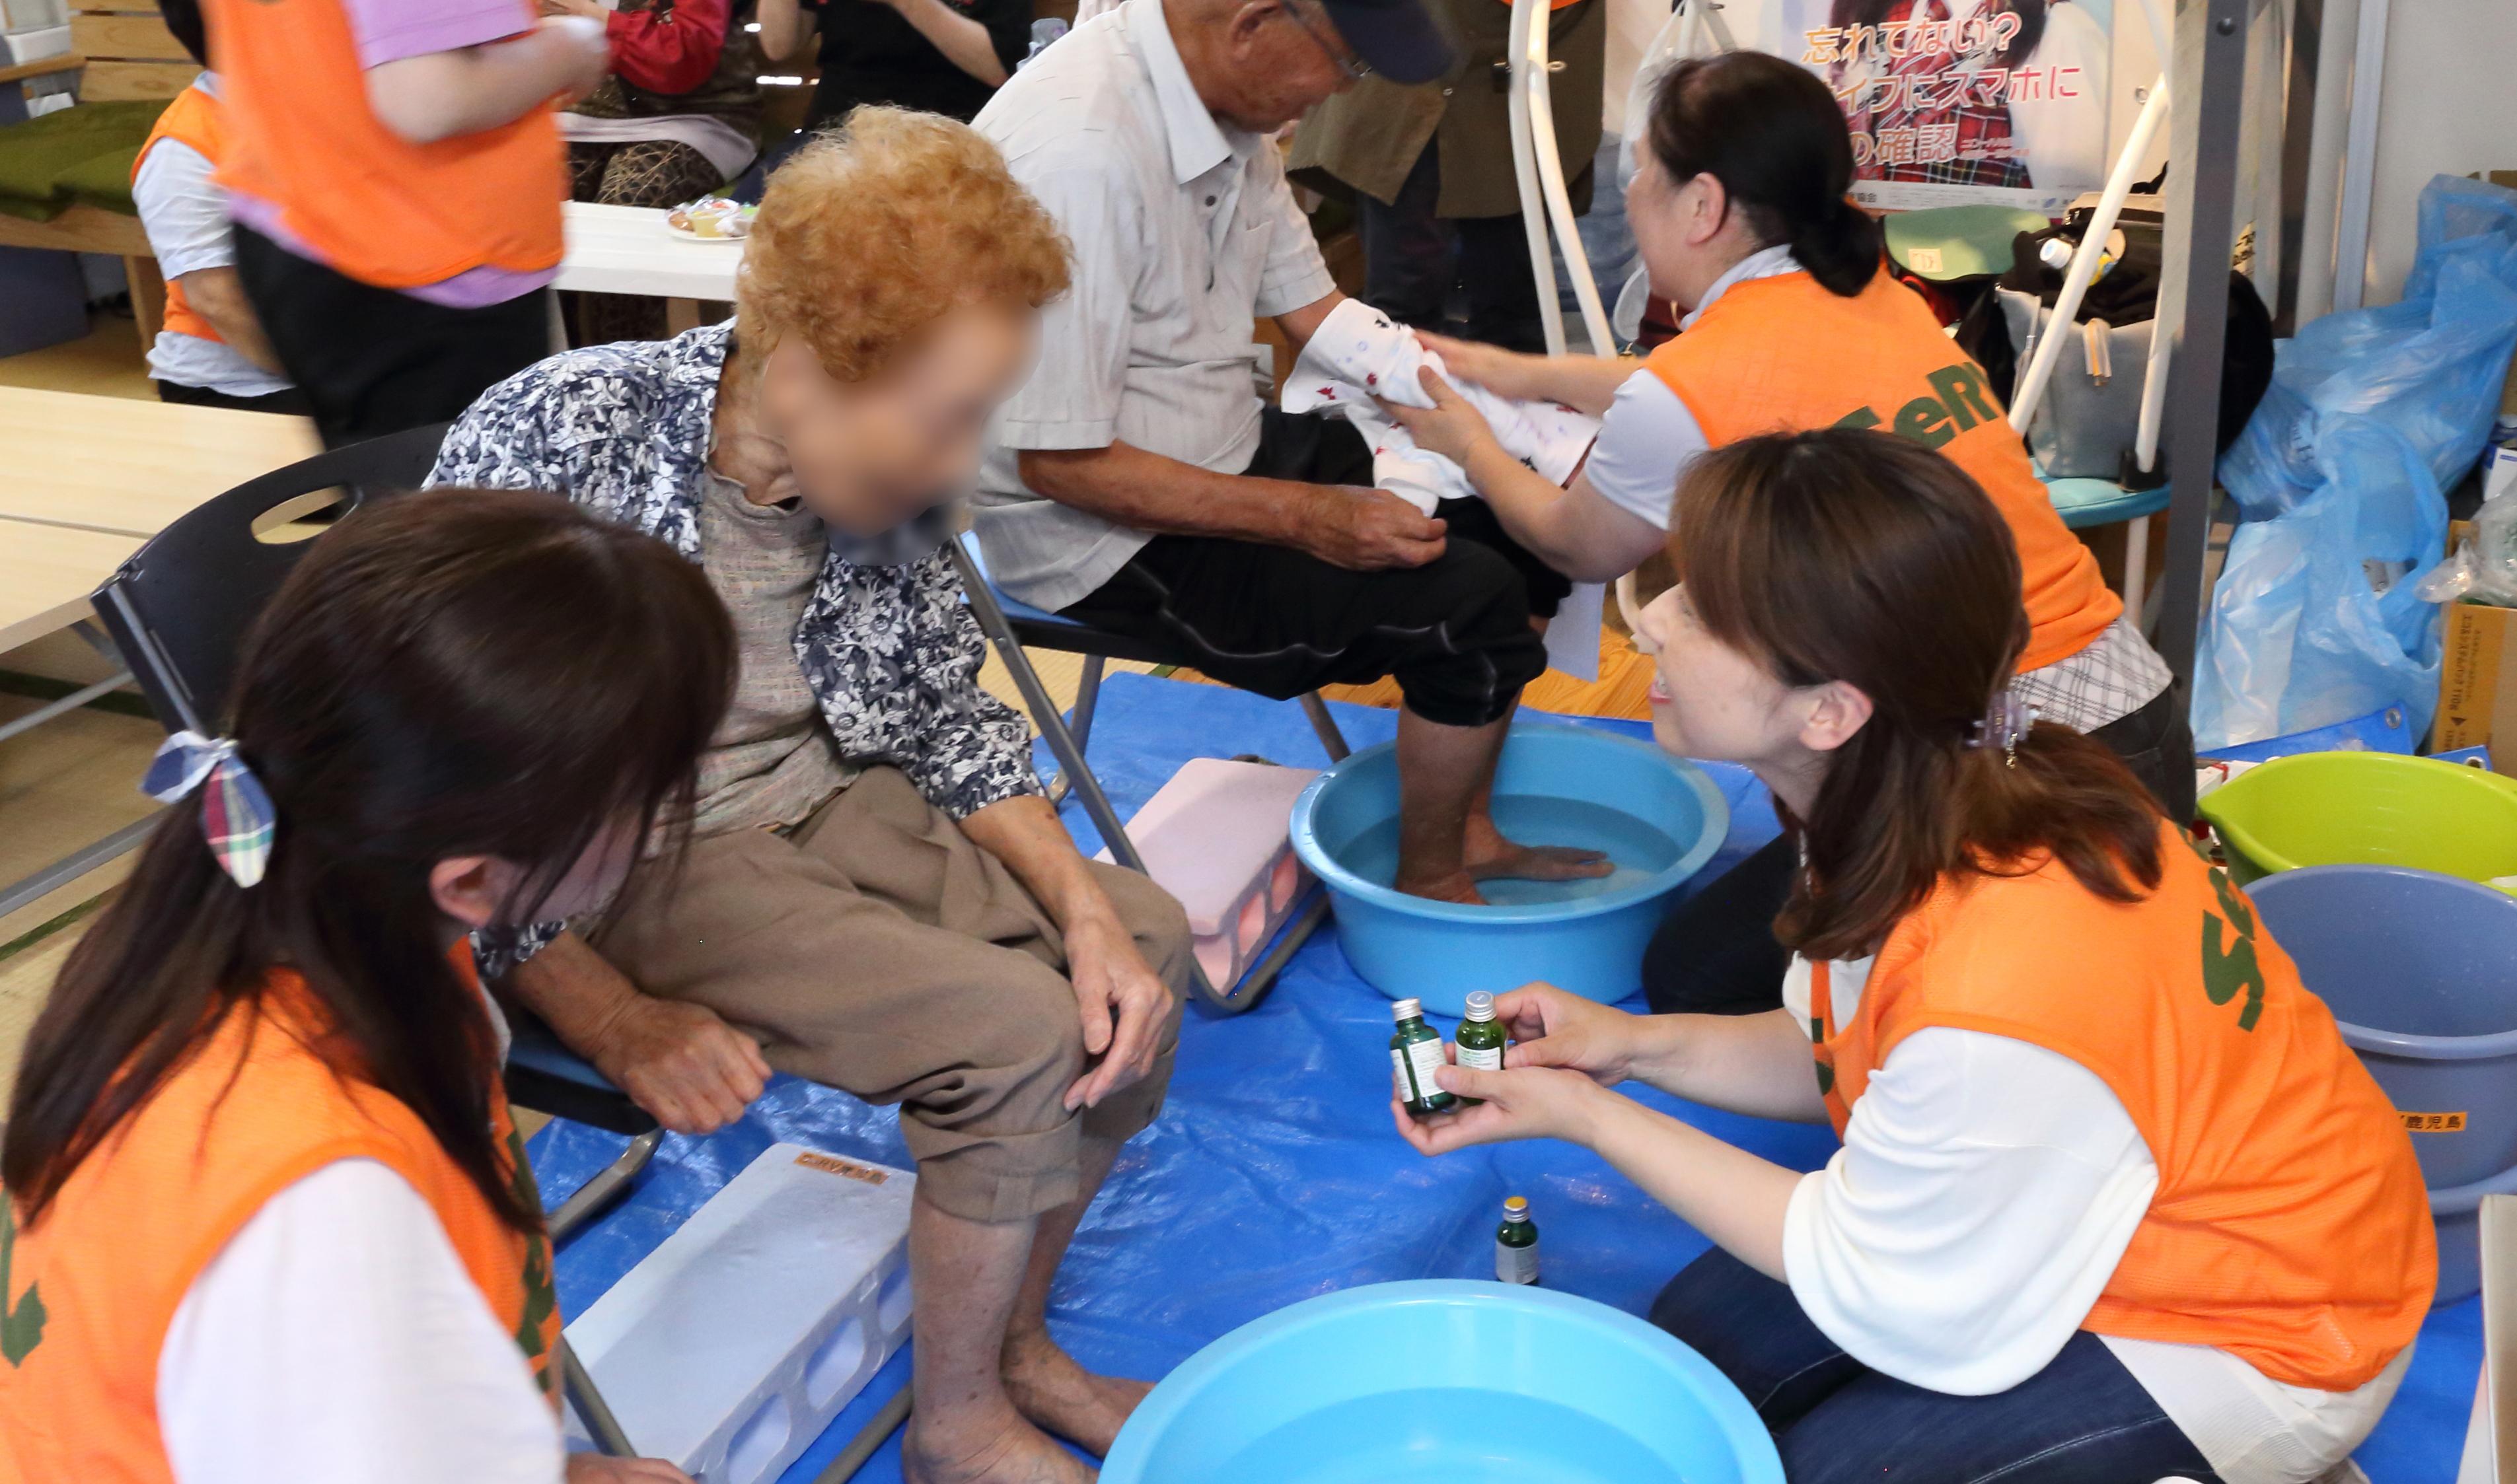 平成28年熊本地震 仮設住宅での足湯活動(2019年)のサムネイル画像